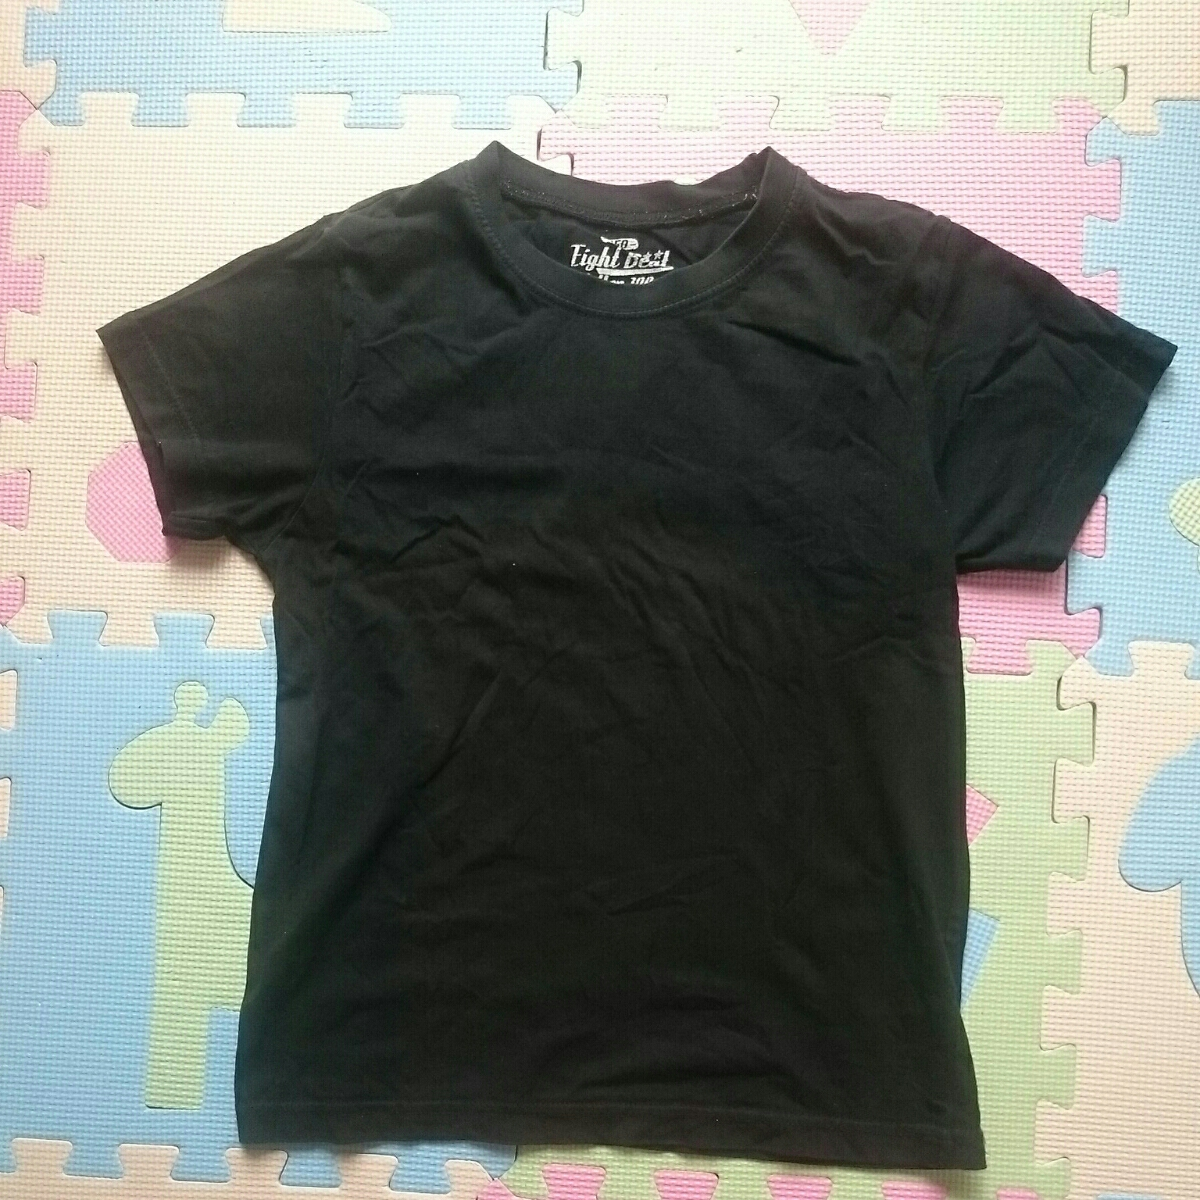 【即決!!】男の子用半そでTシャツ2枚セット 150㎝ ④ブラック2枚 下着/インナーにも_画像5